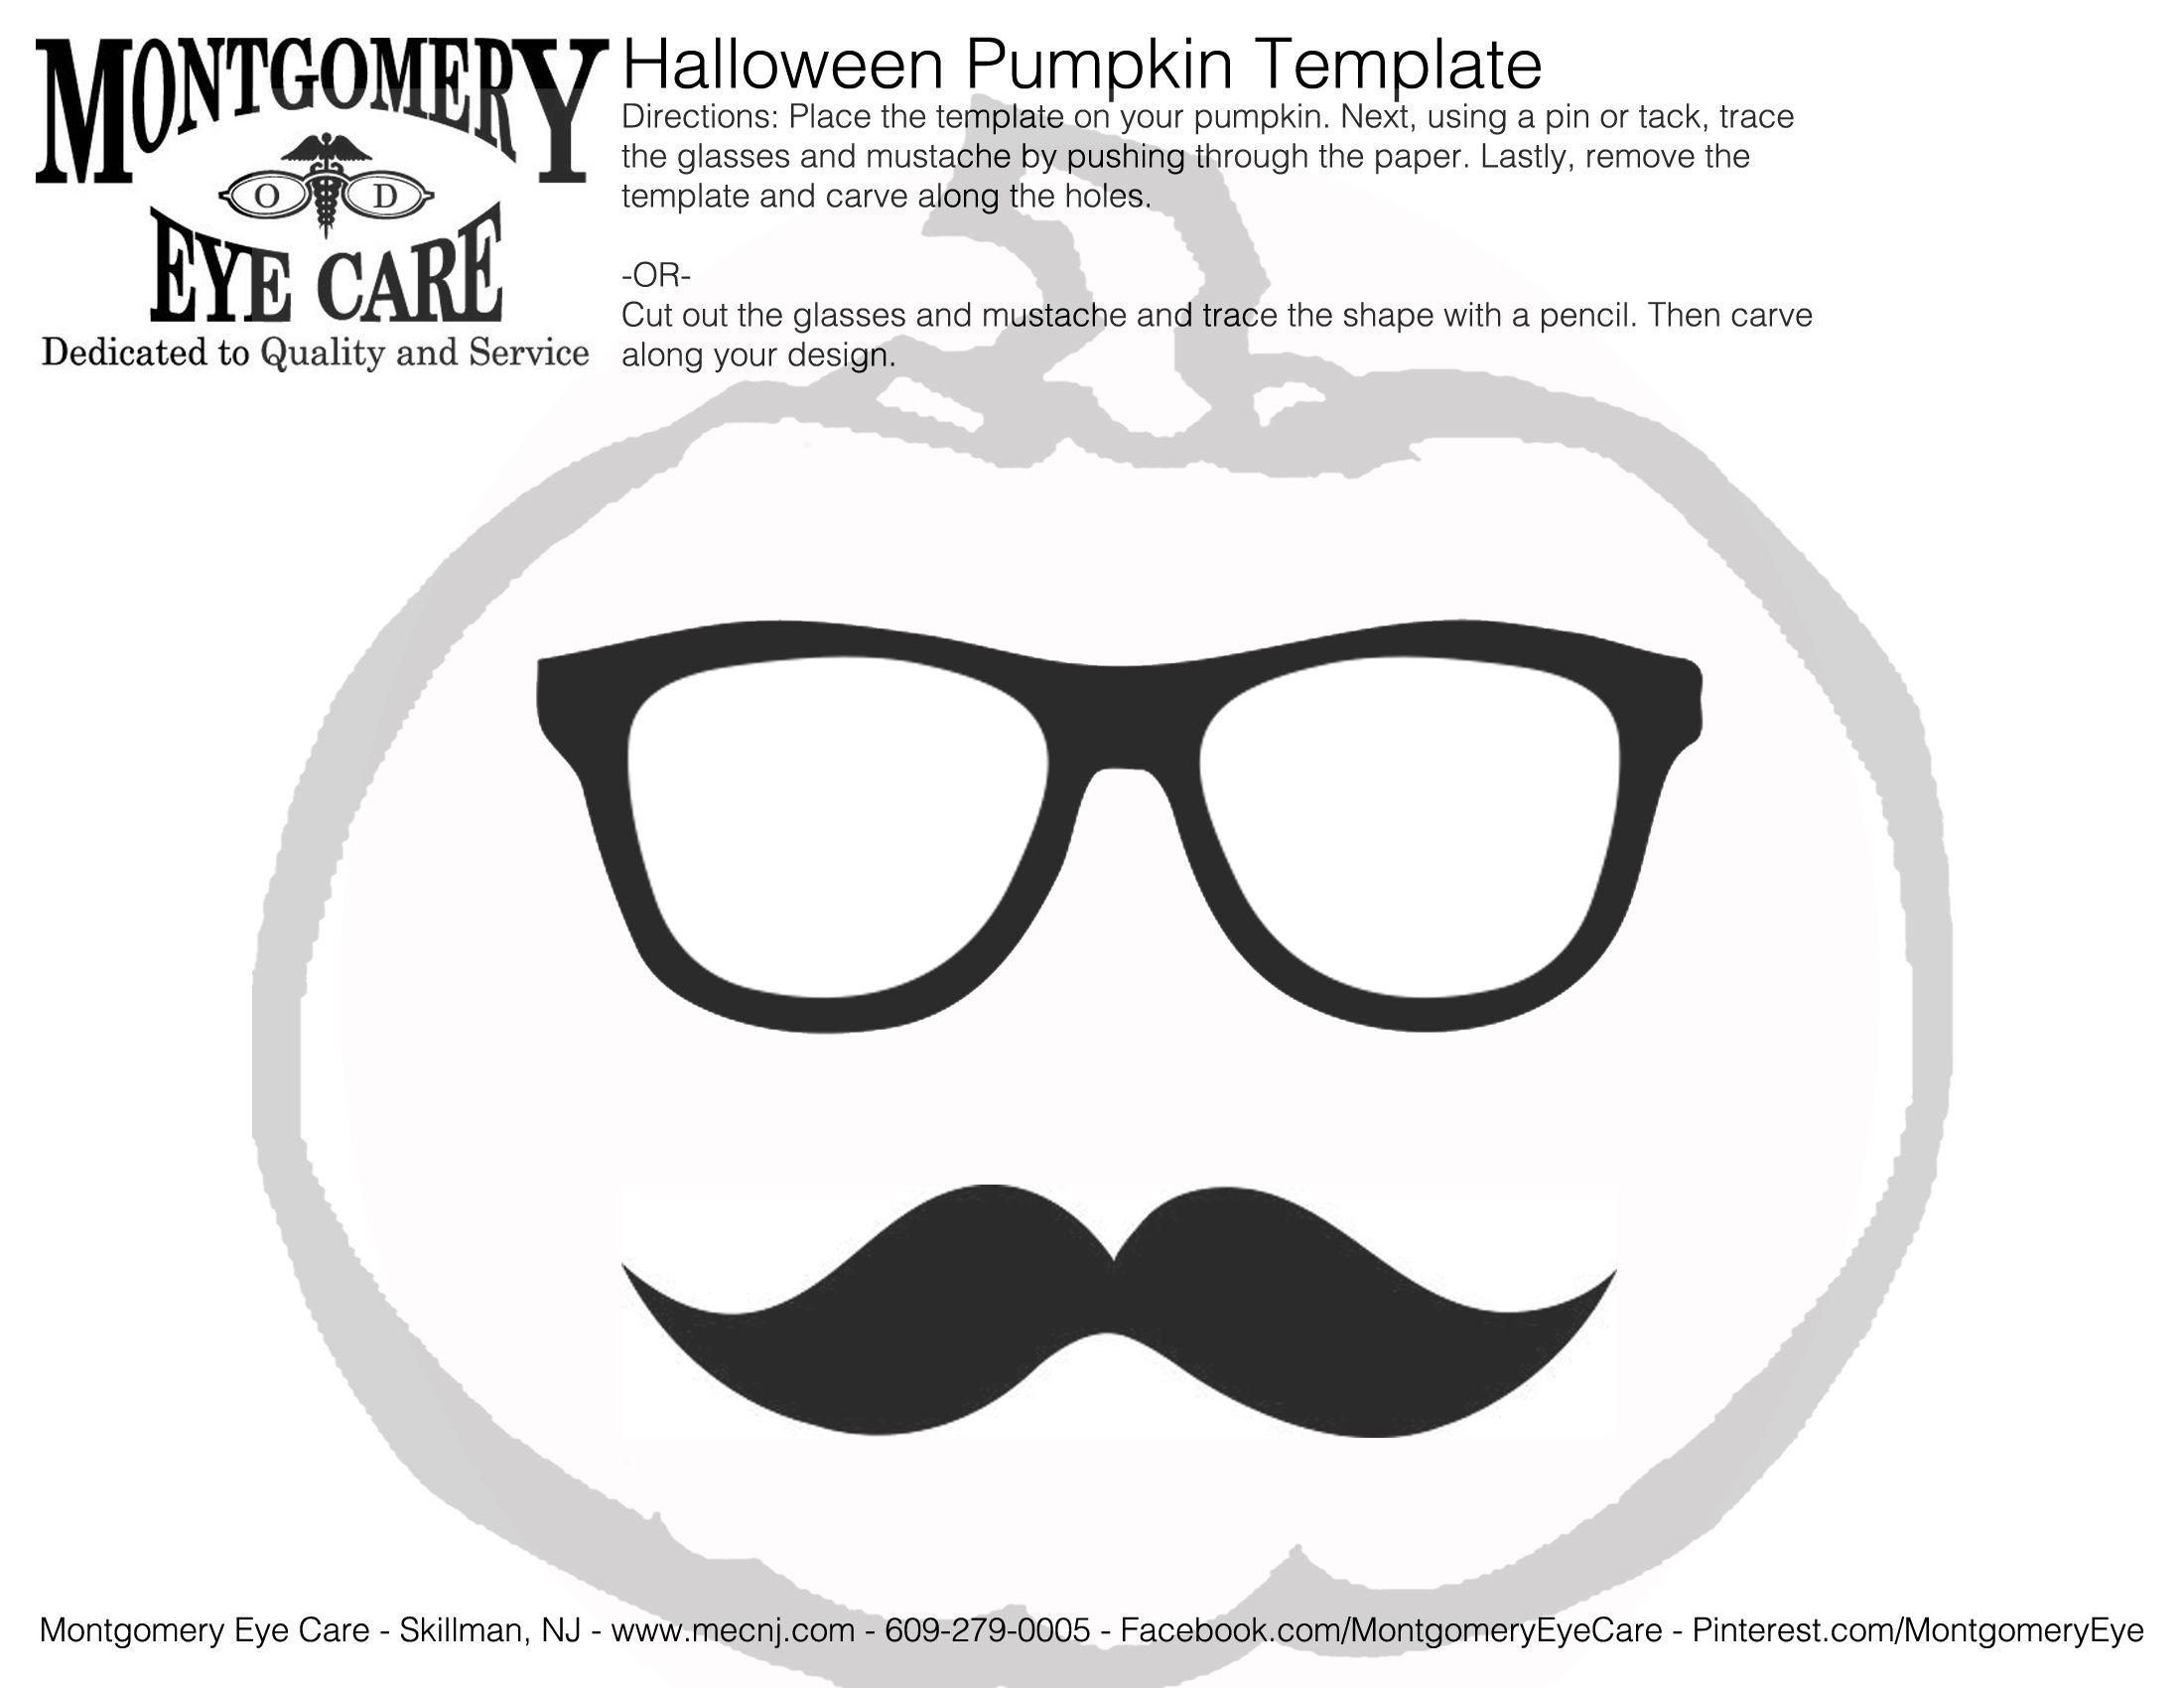 Halloween Pumpkin Carving Templates #geekchic #mustache #glasses ...